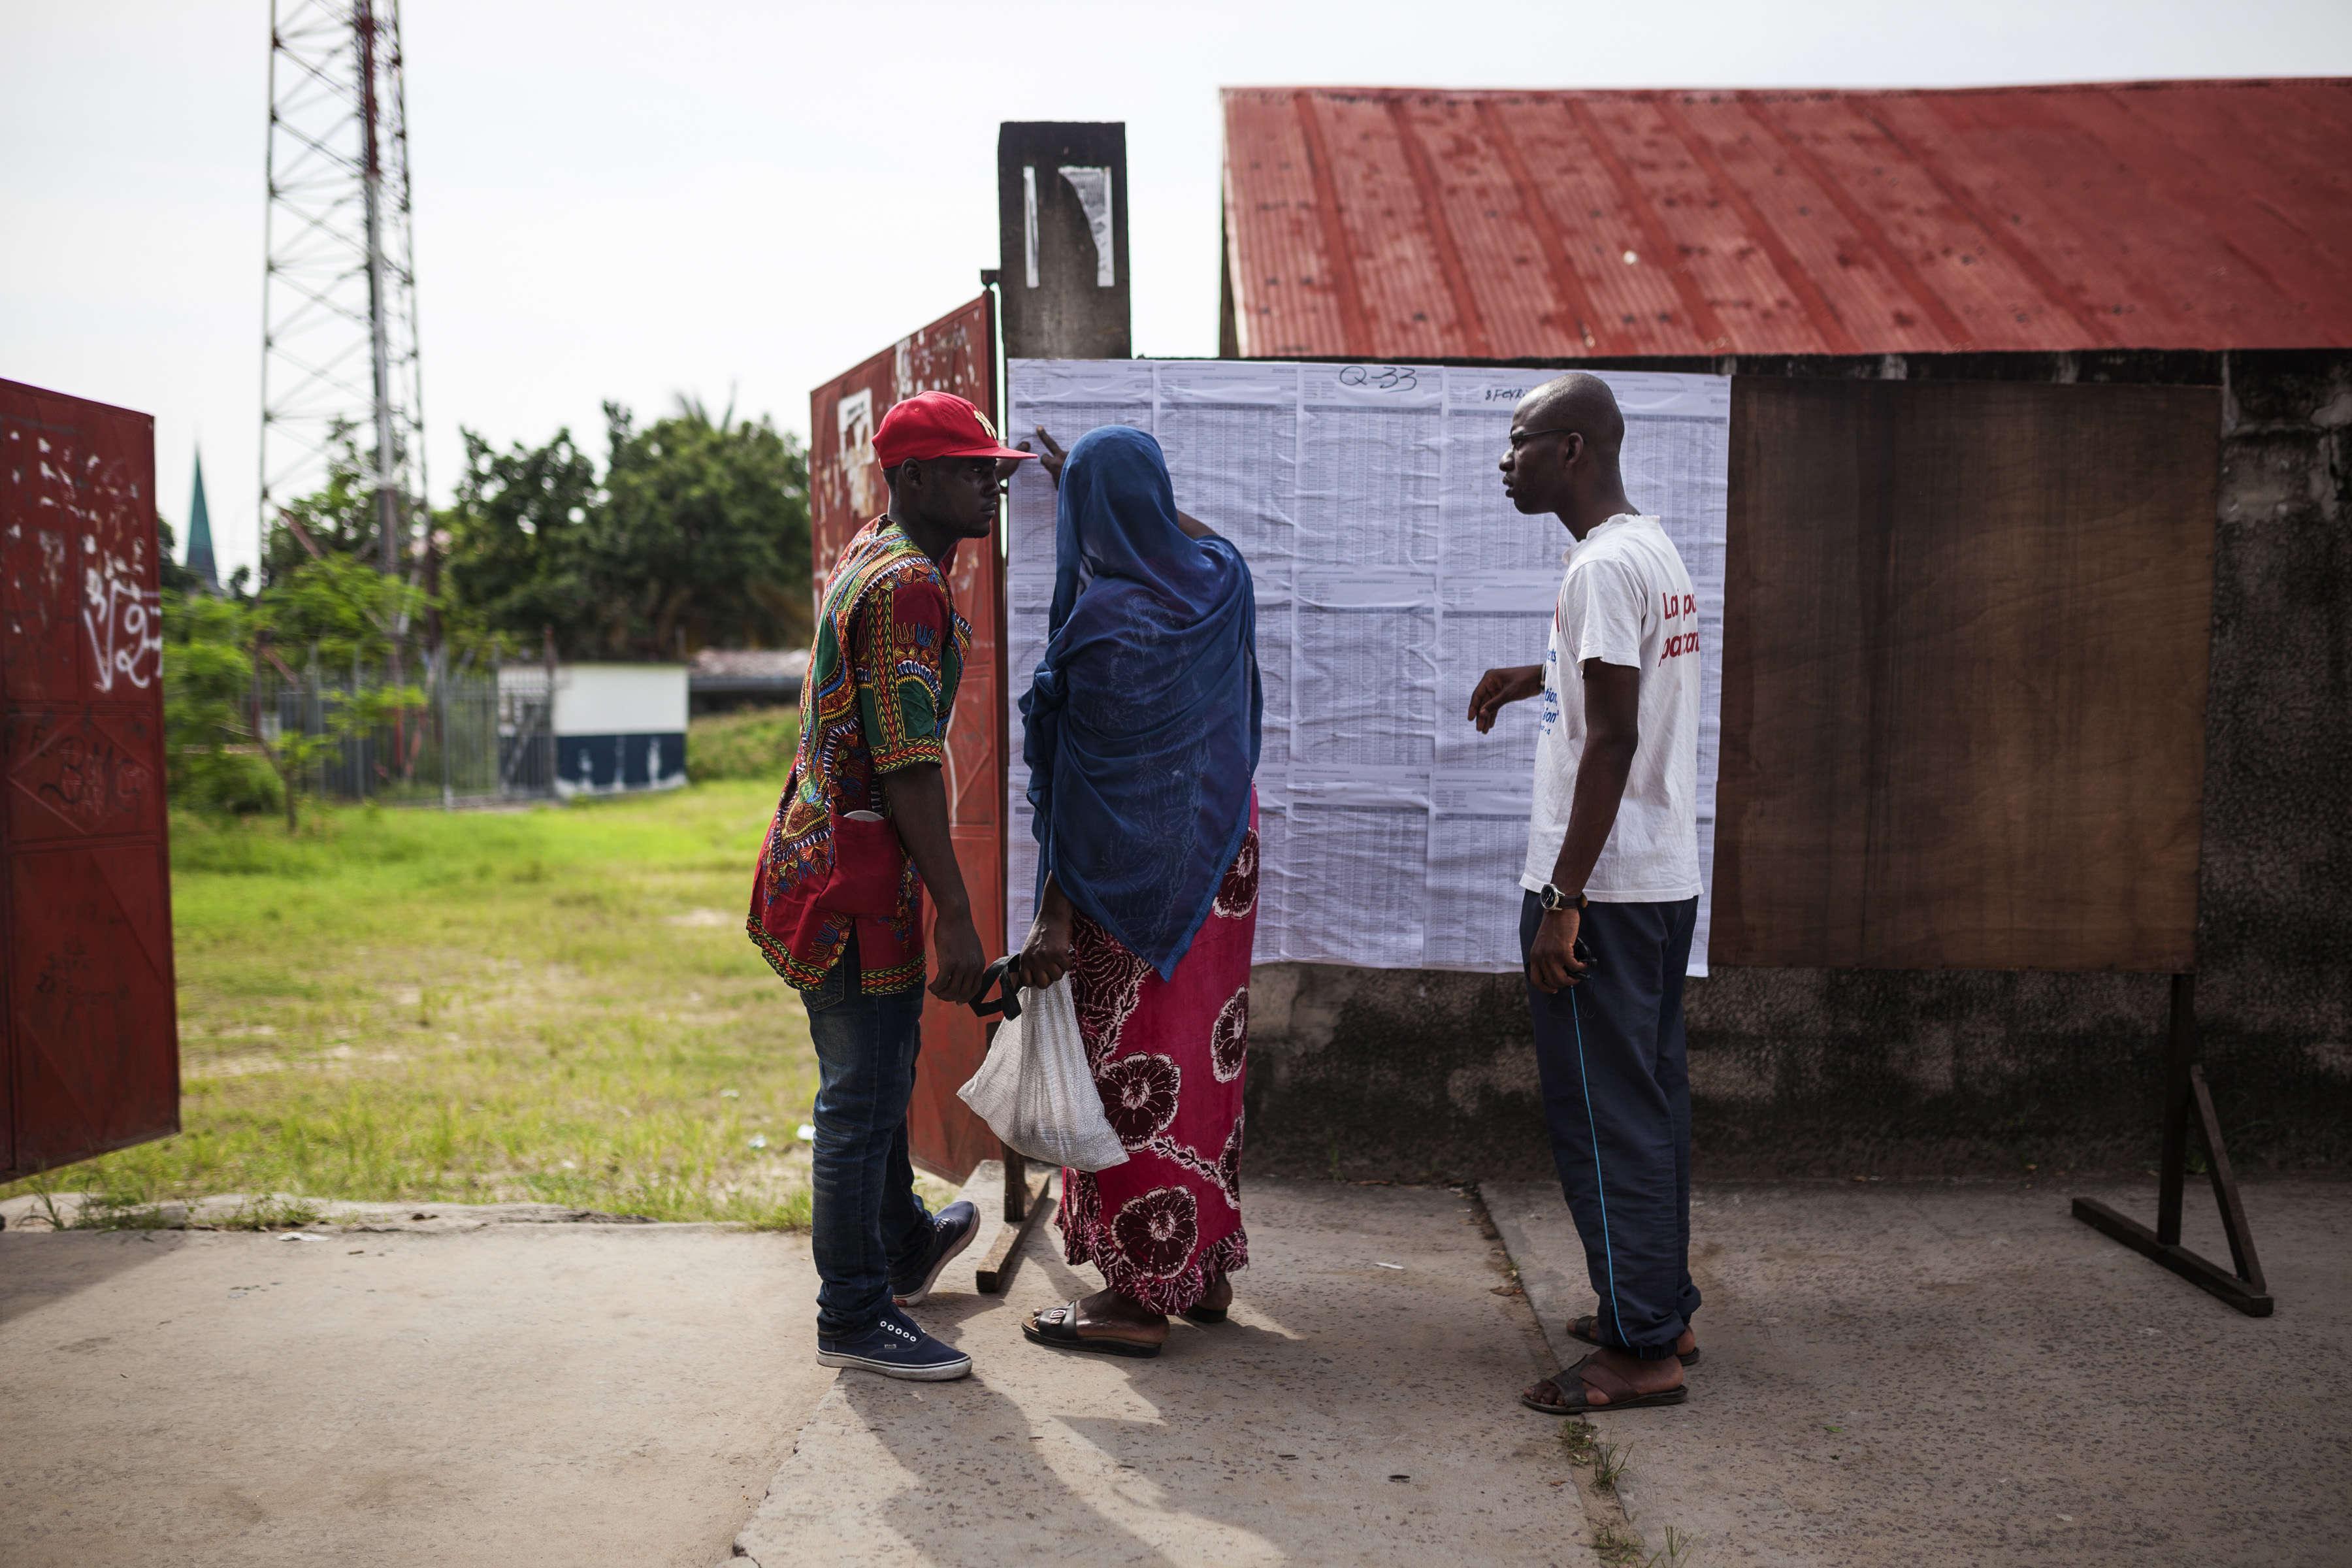 Les listes électorales sont passées au crible à l'extérieur d'un bureau de vote.